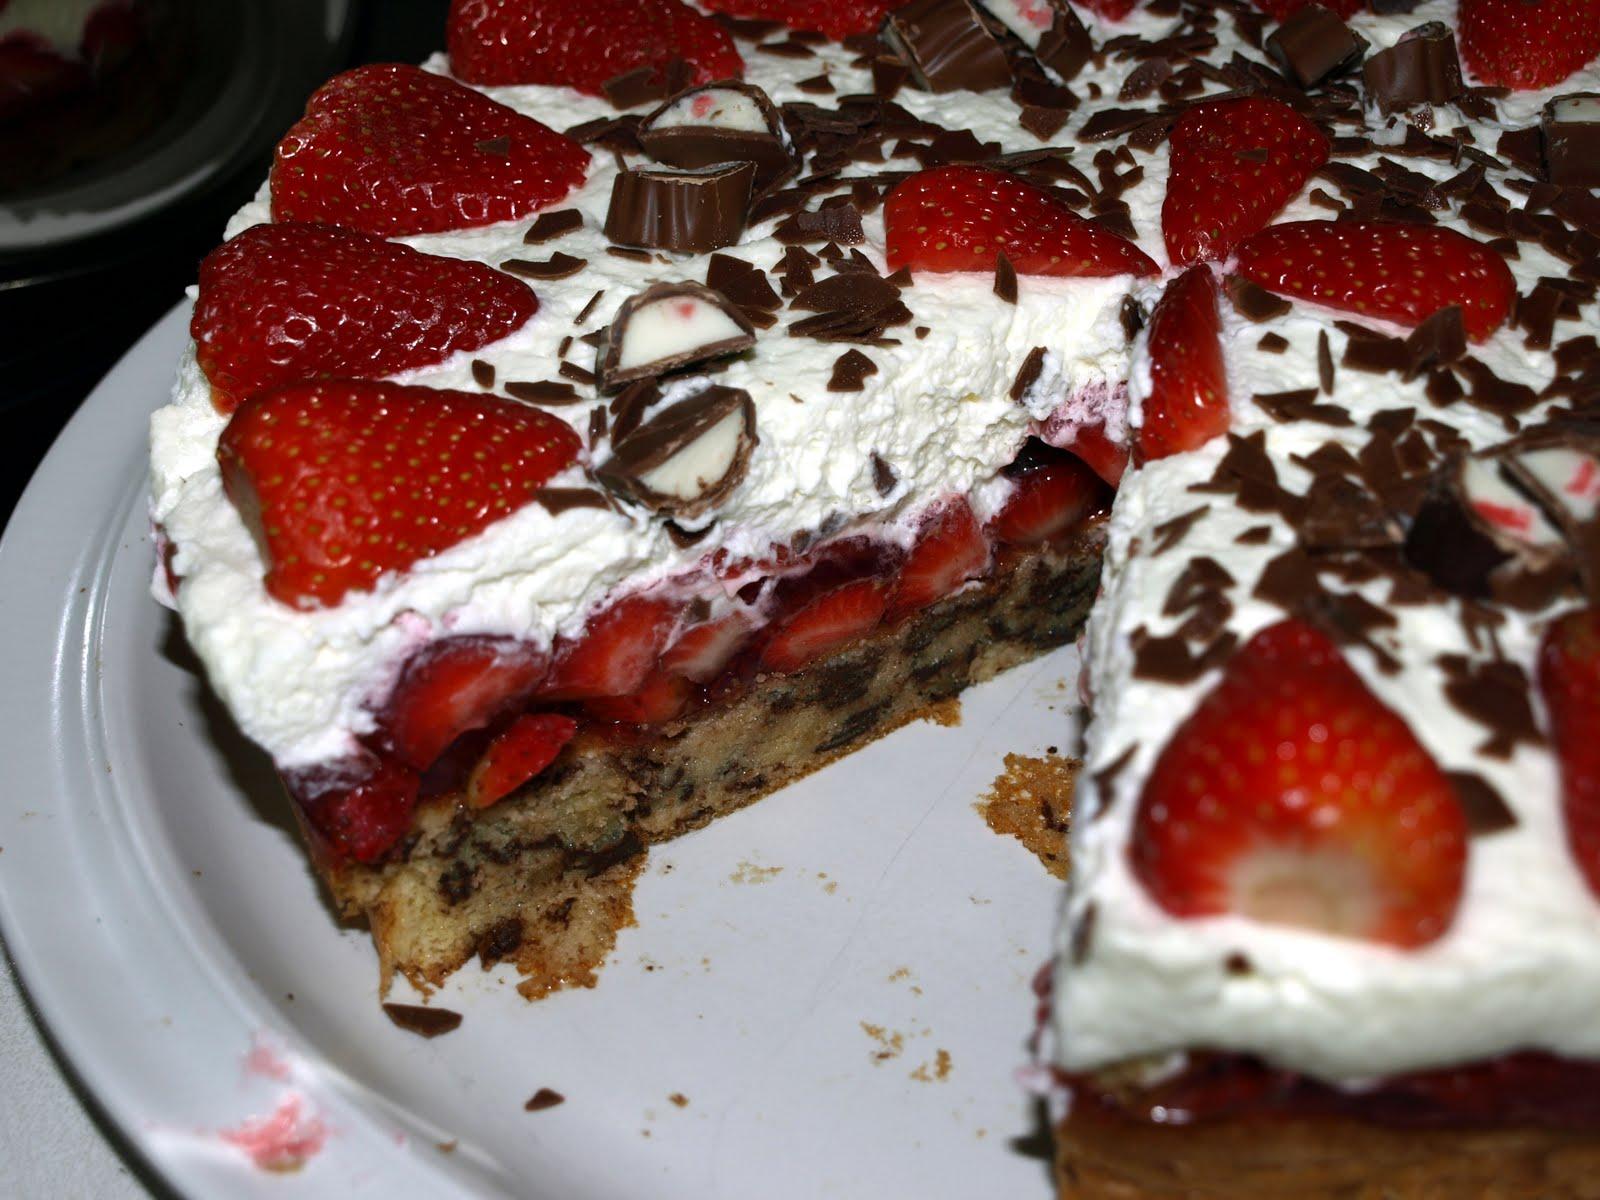 Hauptsache Es Schmeckt Erdbeer Yogurette Torte